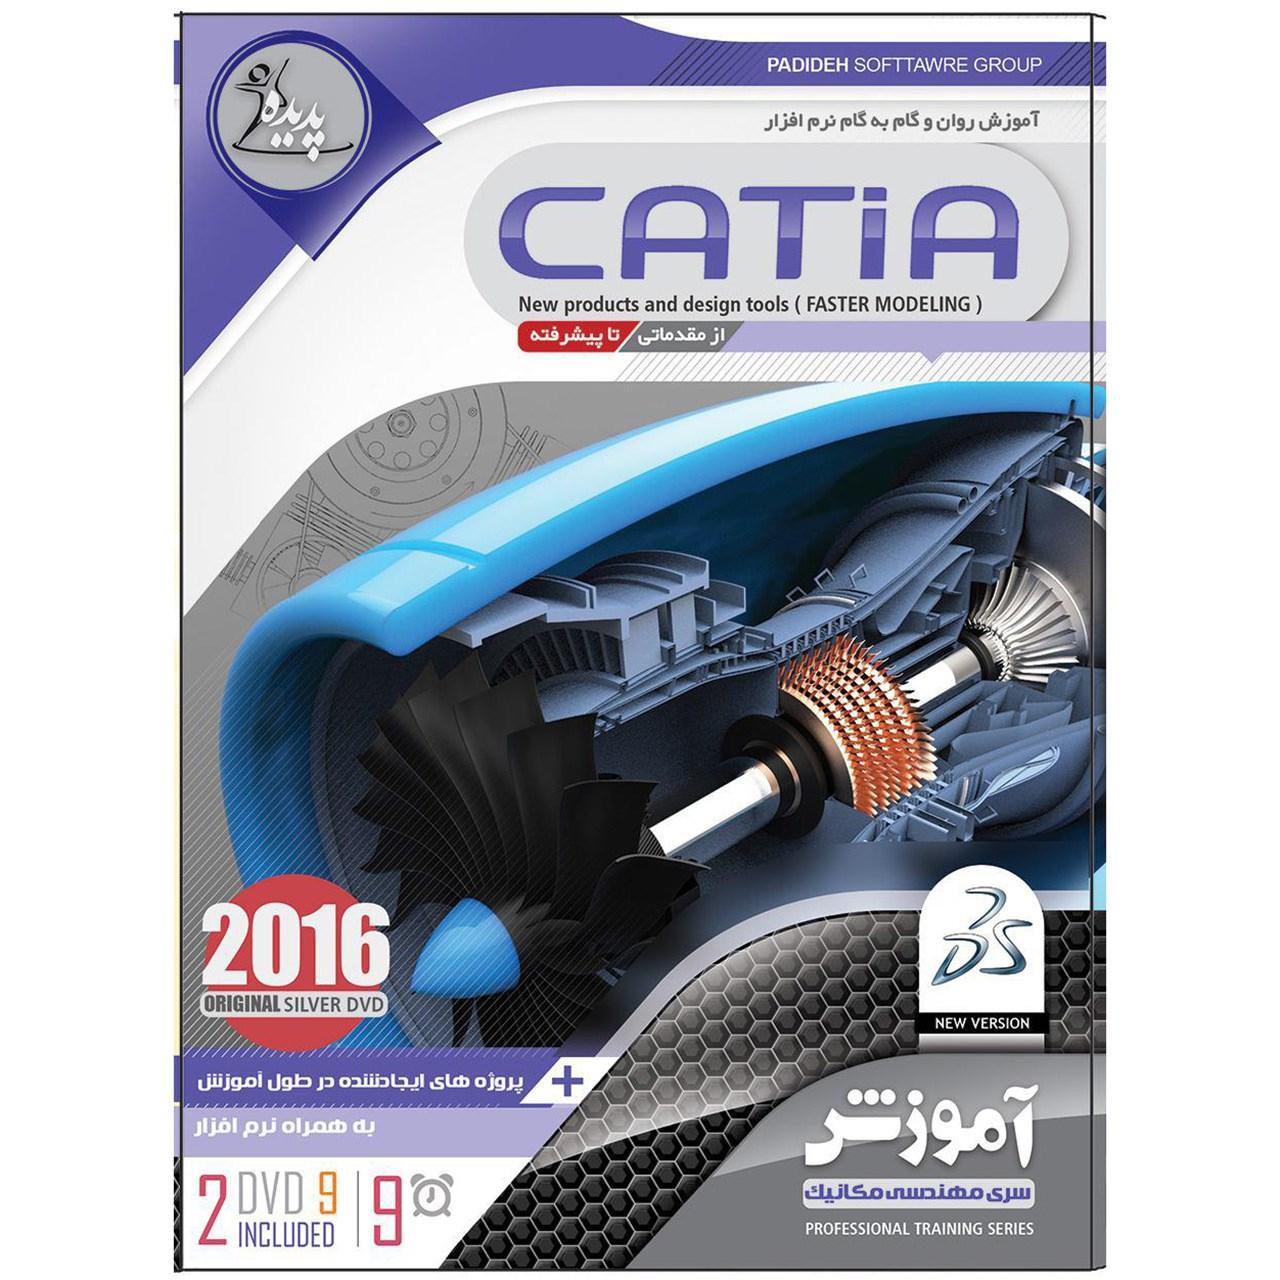 نرم افزار آموزش Catia نشر پدیده سطح مقدماتی تا پیشرفته